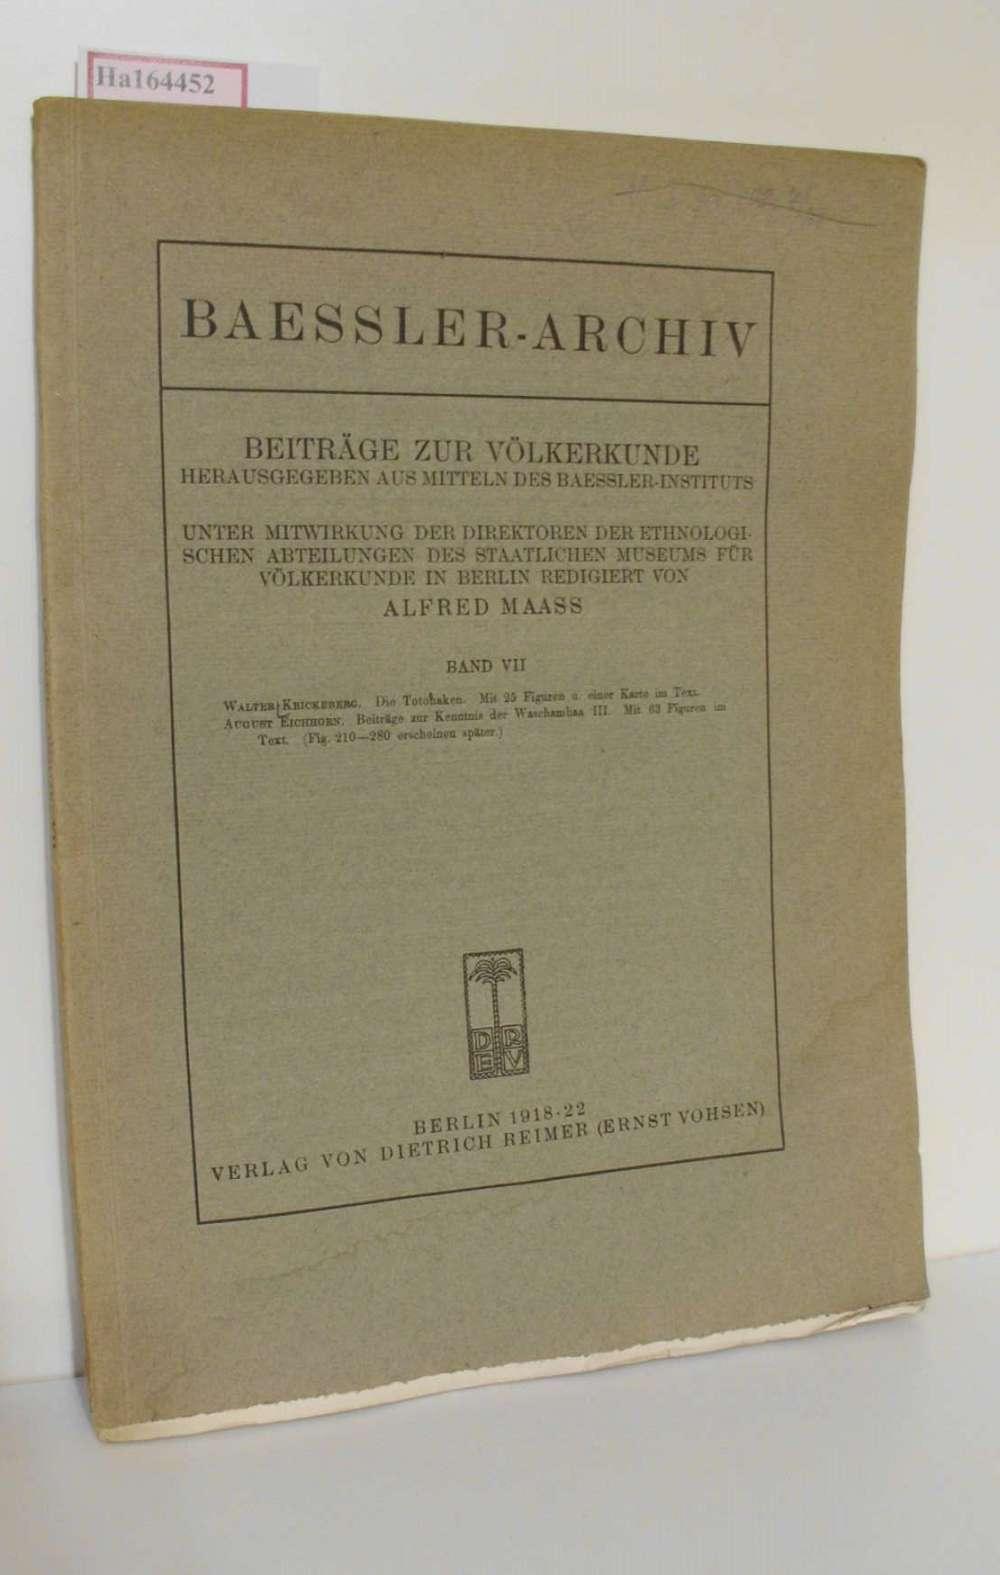 W. Krickeberg: Die Totohaken. / A. Eichhorn; Beiträge zur Kenntnis der Waschambaa. III. ( = Baessler- Archiv/ Beiträge zur Völkerkunde, Band VII) . 2 Beiträge in einem Band.